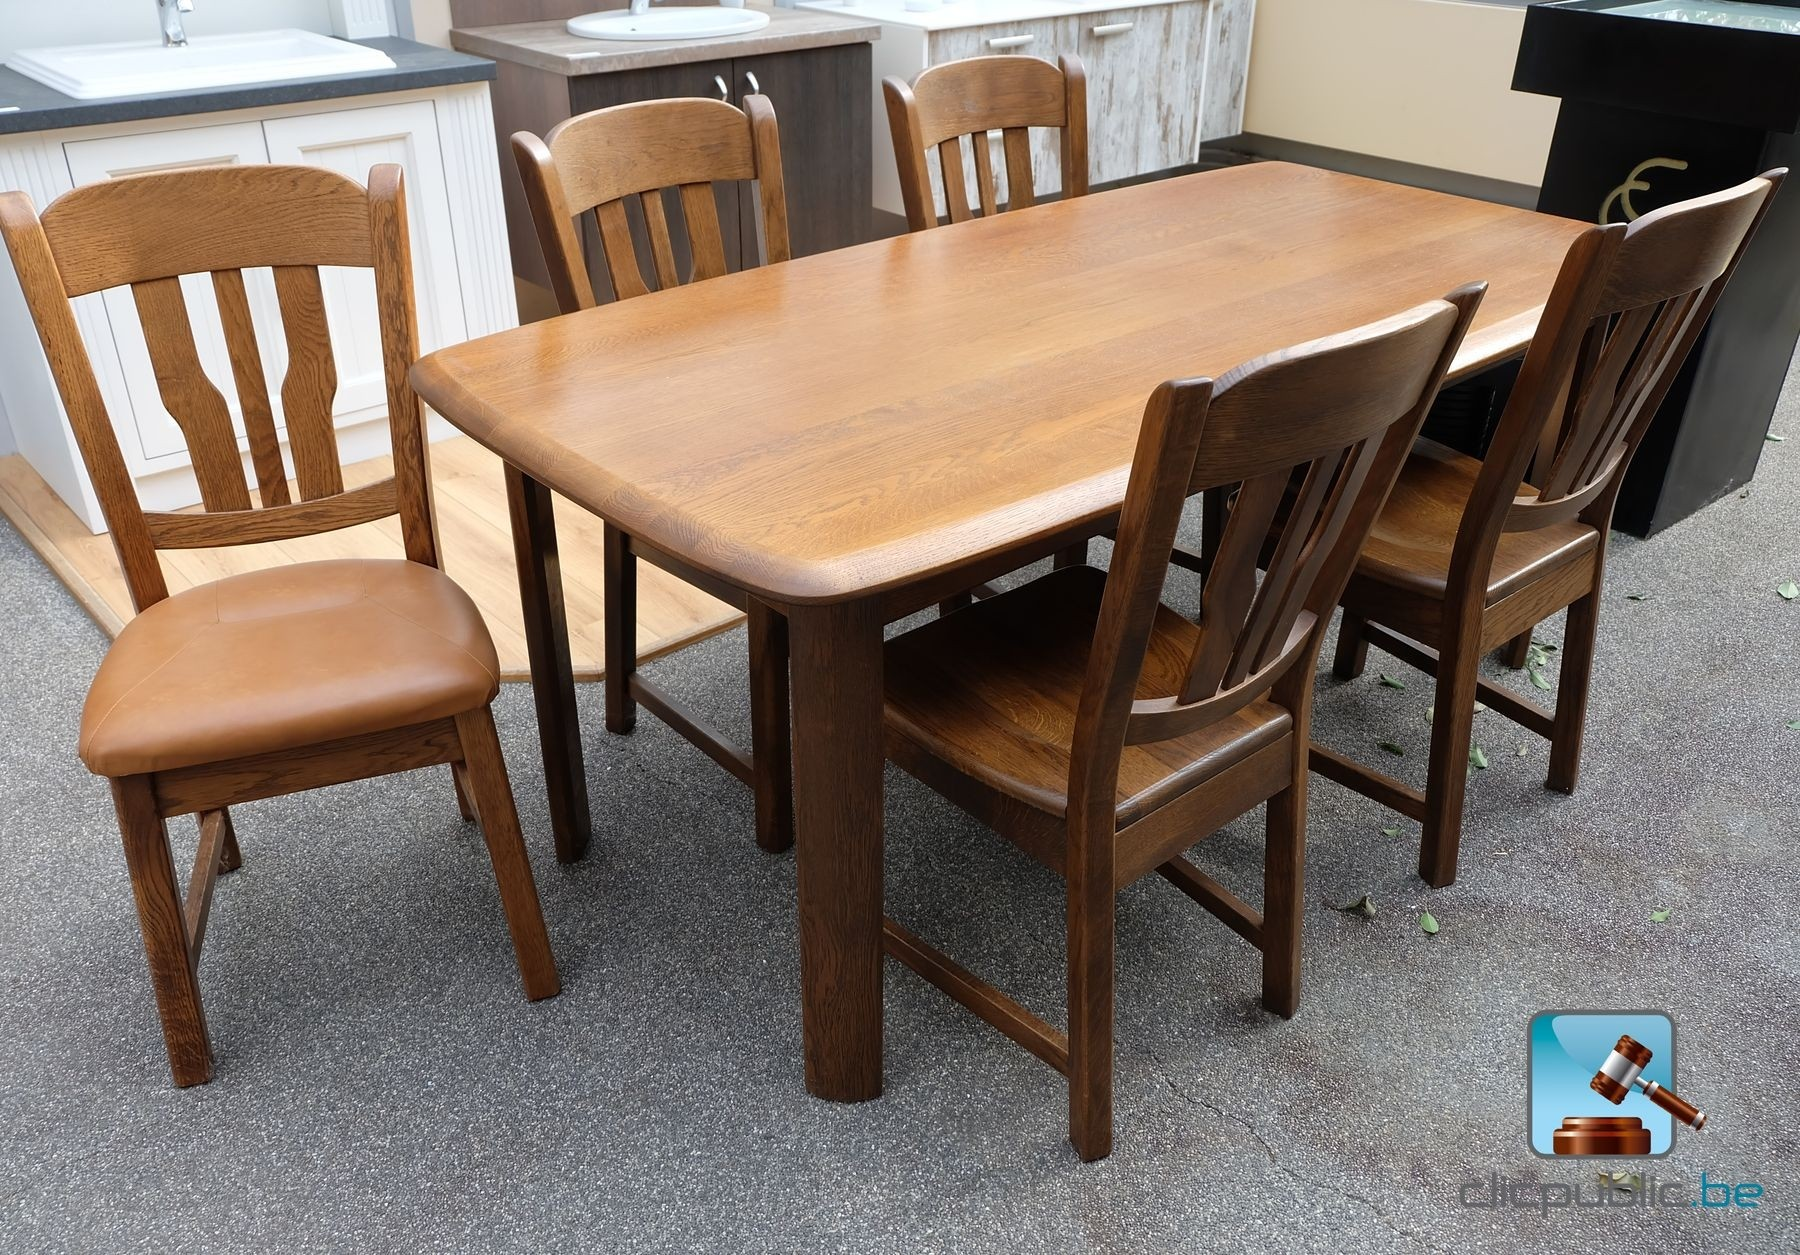 #996332 Table De Salle à Manger En Chêne Massif Lamellé Collé (ref  3557 salle à manger en chêne massif à vendre 1800x1255 px @ aertt.com